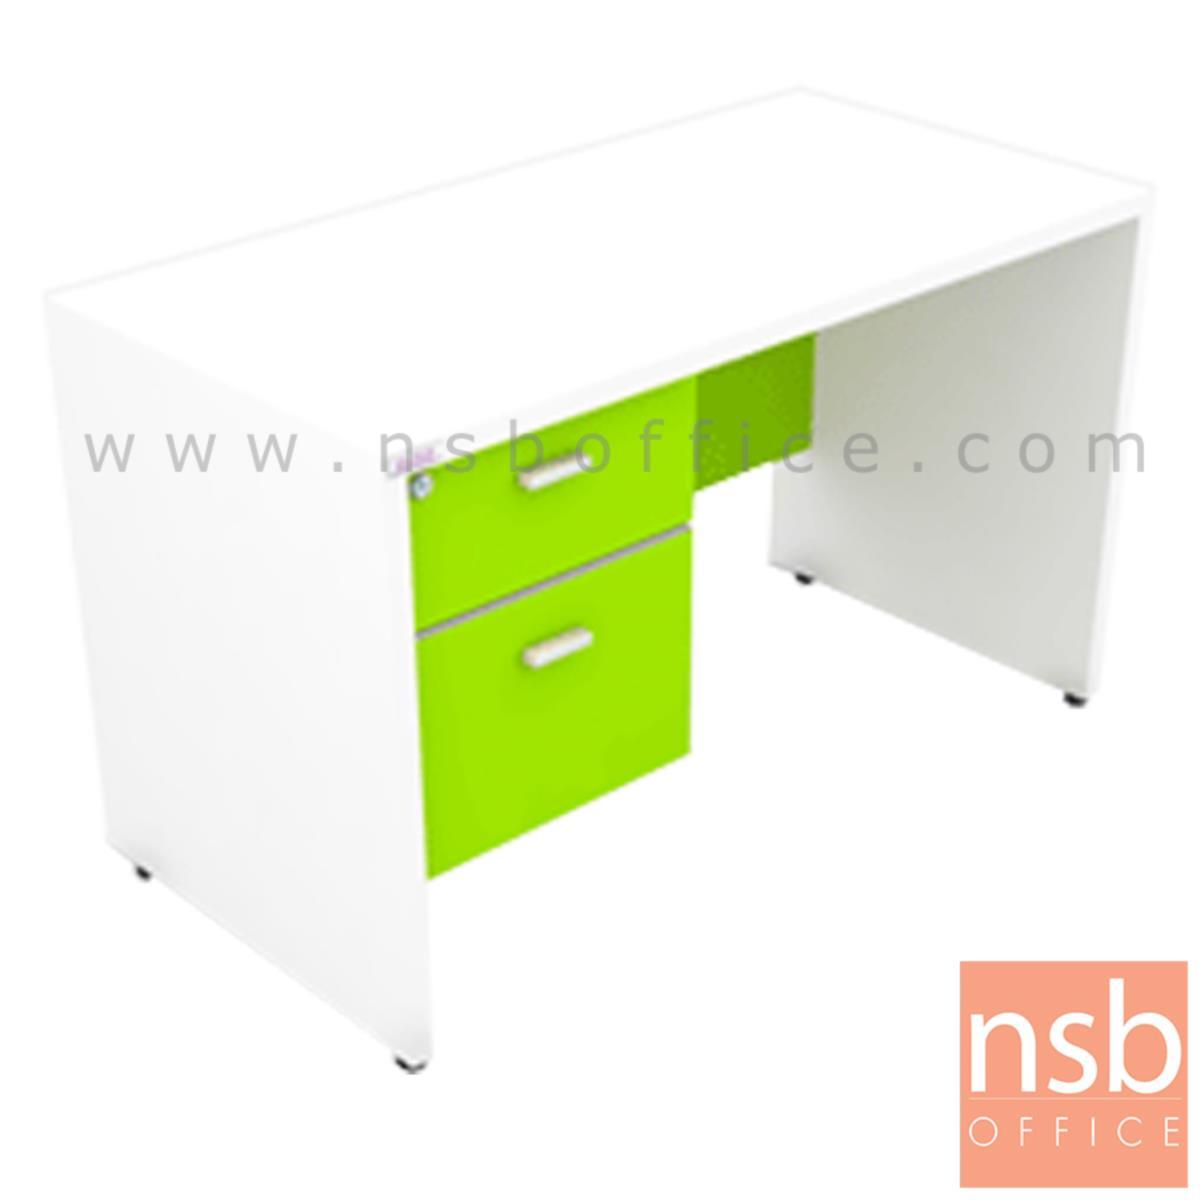 A20A002:โต๊ะทำงานสีสัน 2 ลิ้นชัก  รุ่น MT-COLOUR-2DW ขนาด 120W cm. พร้อมกุญแจล็อค